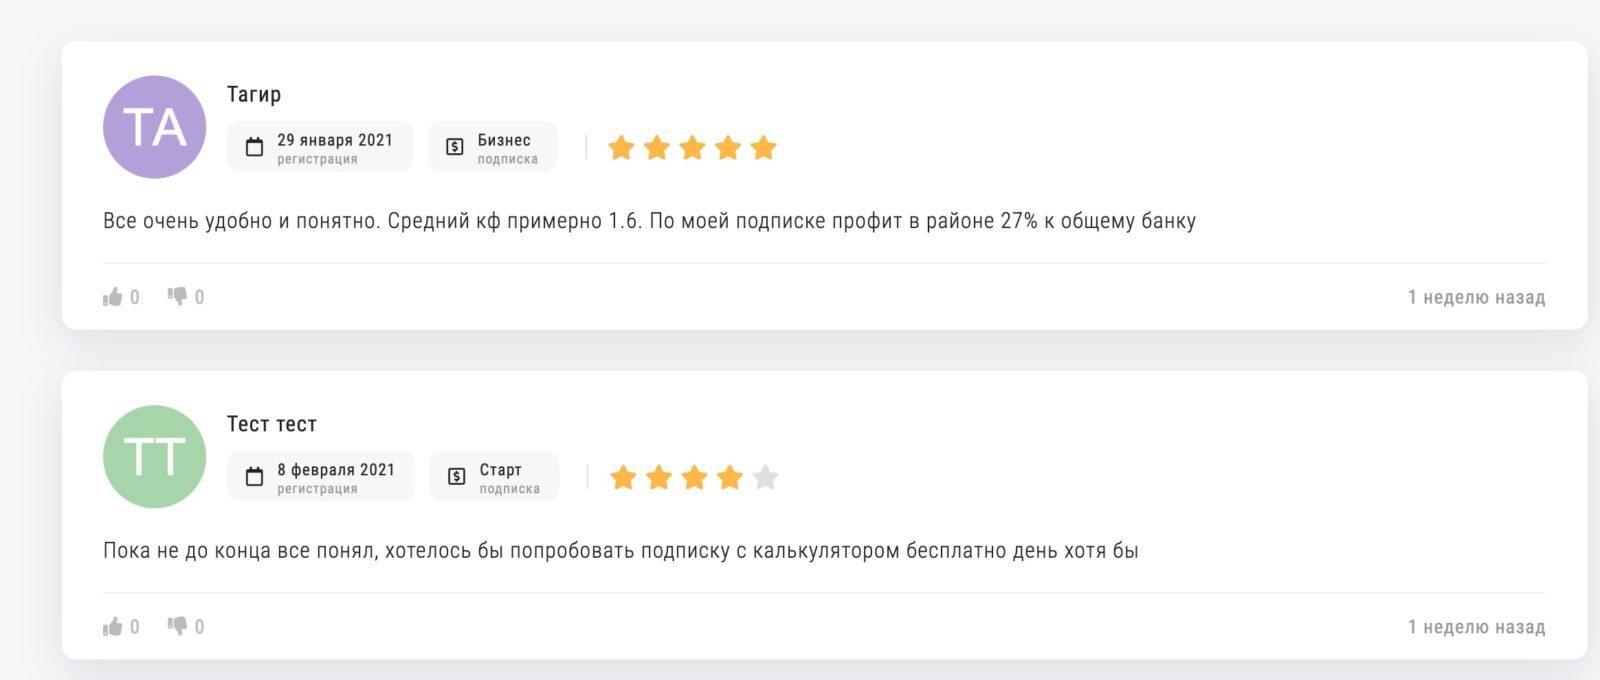 Отзывы на сайте Tetrabet com (Тетрабет)